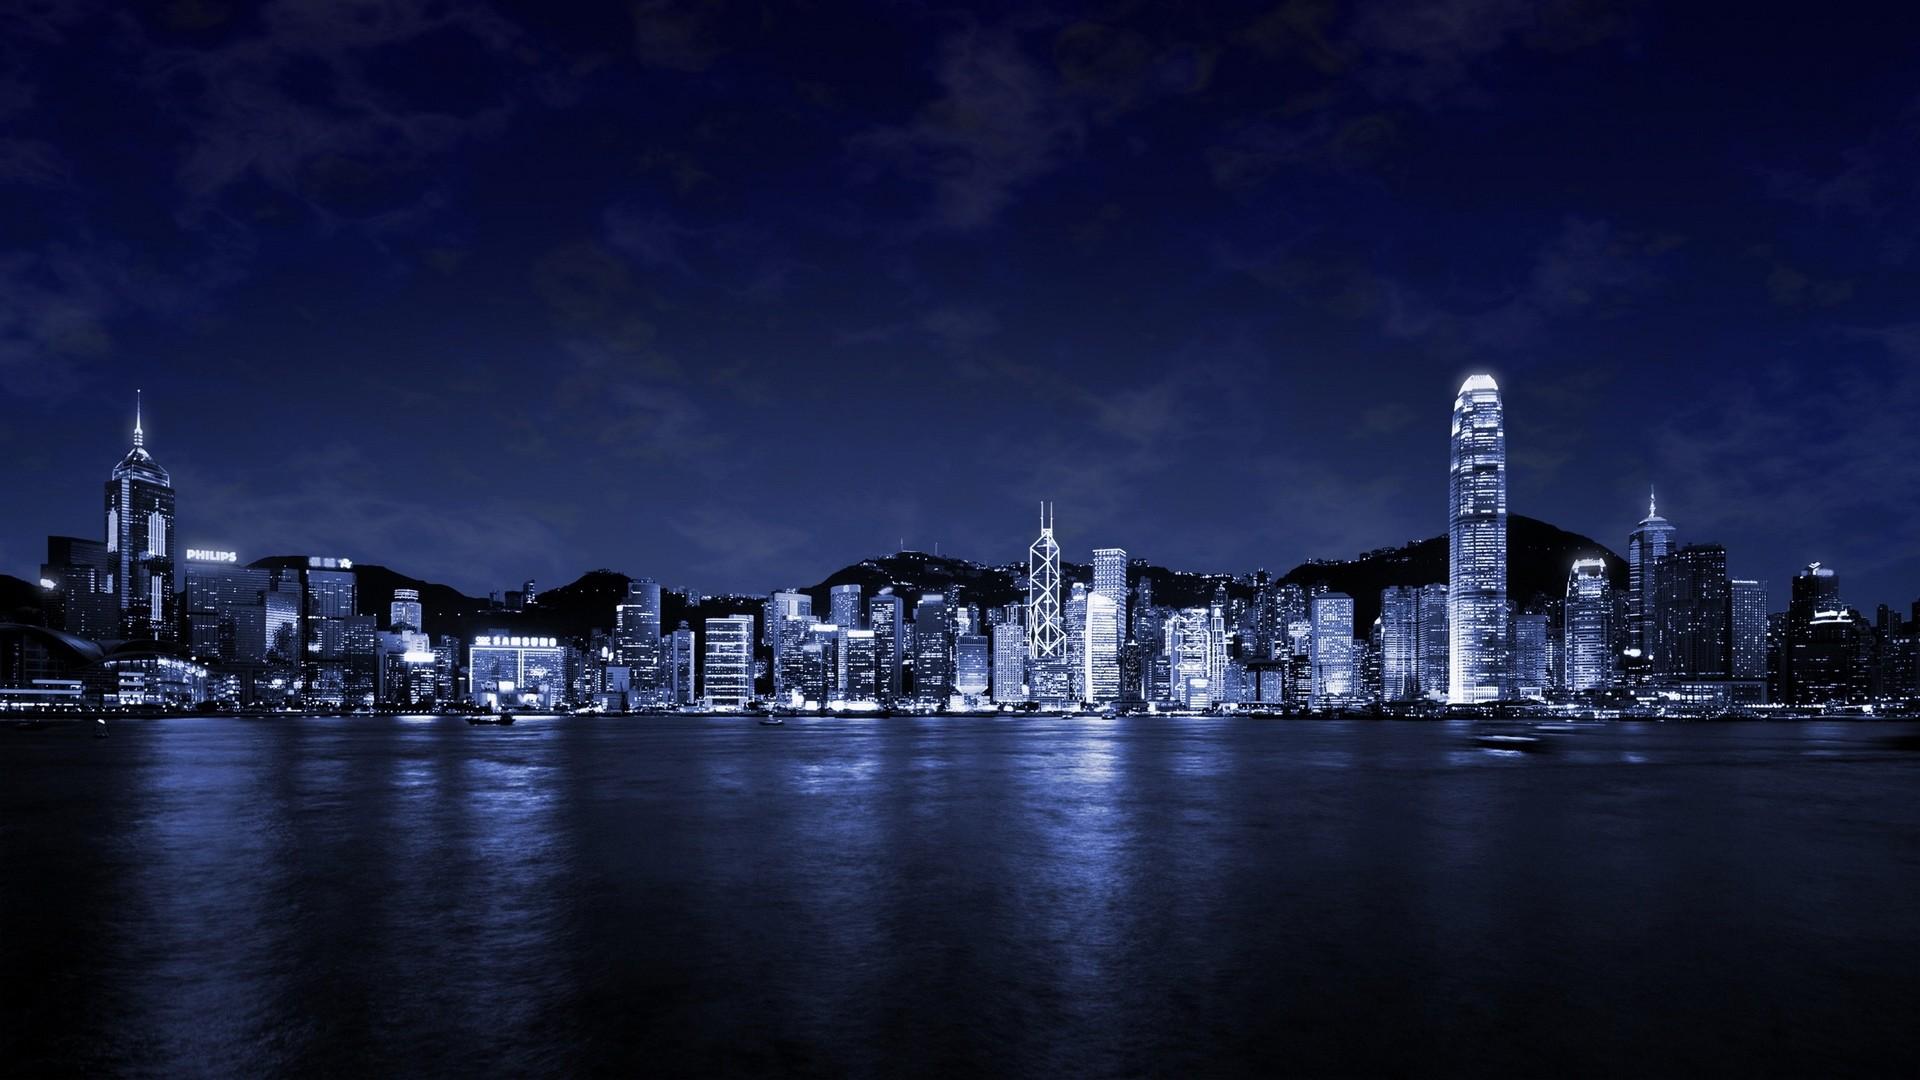 Night City Wallpapers Desktop